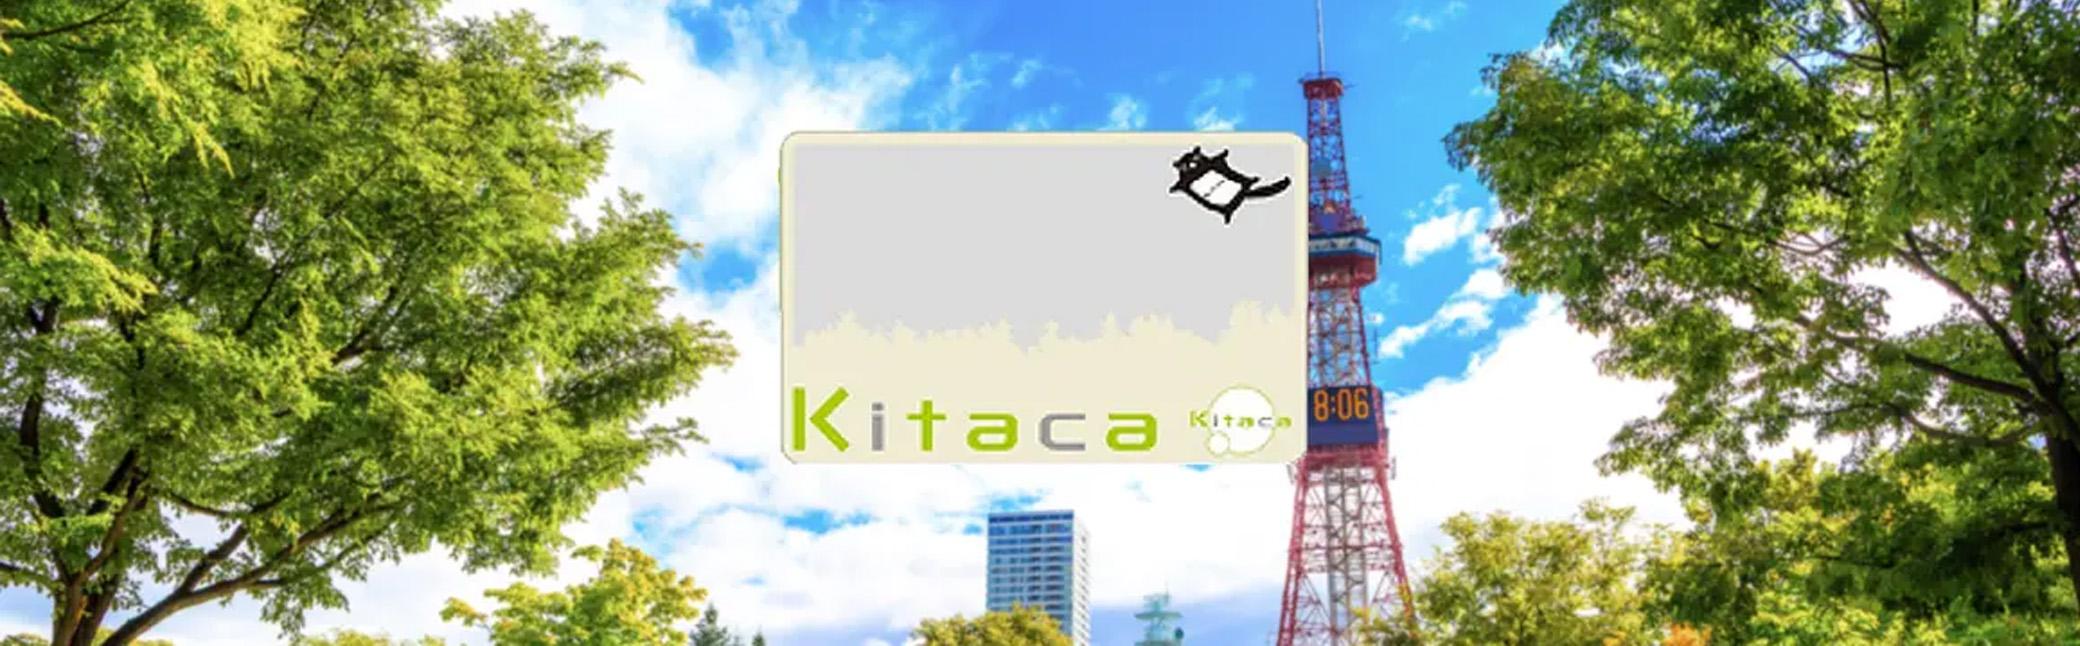 บัตร JR Hokkaido IC Card - Kitaca (บัตรเติมเงินอิเล็กทรอนิกส์)